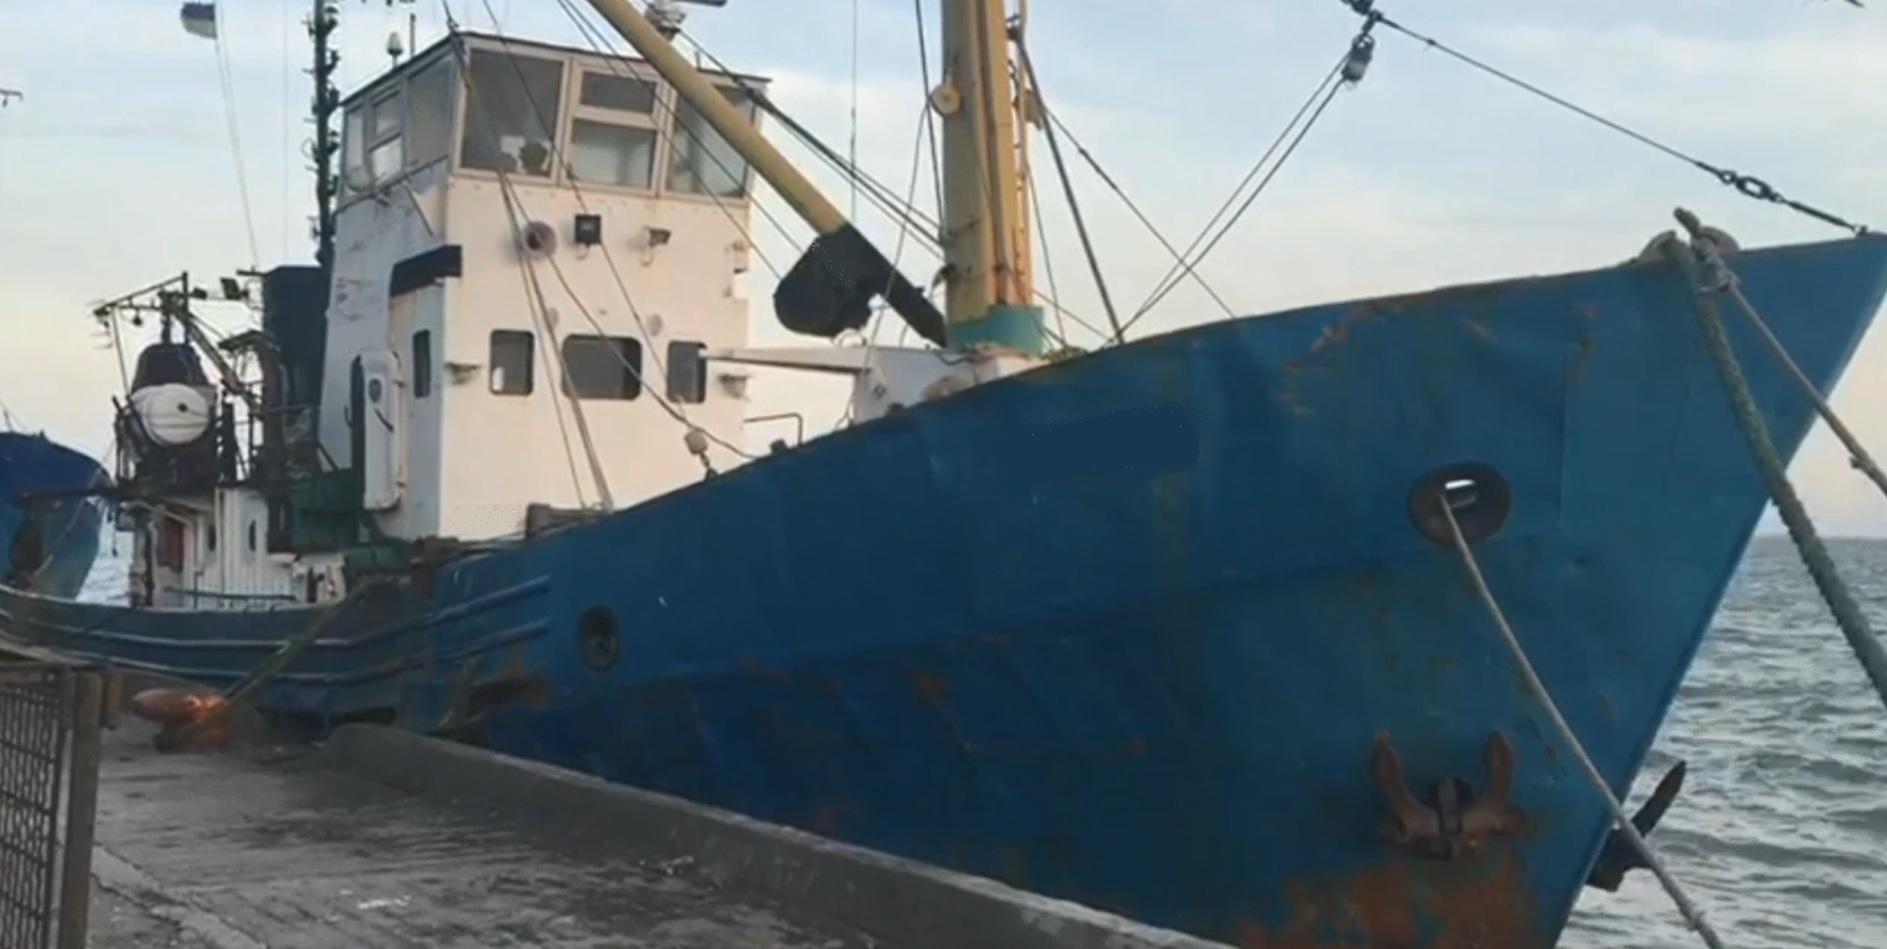 В Азовском море незаконно выловили 3,5 тонны рыбы - ФОТО, ВИДЕО